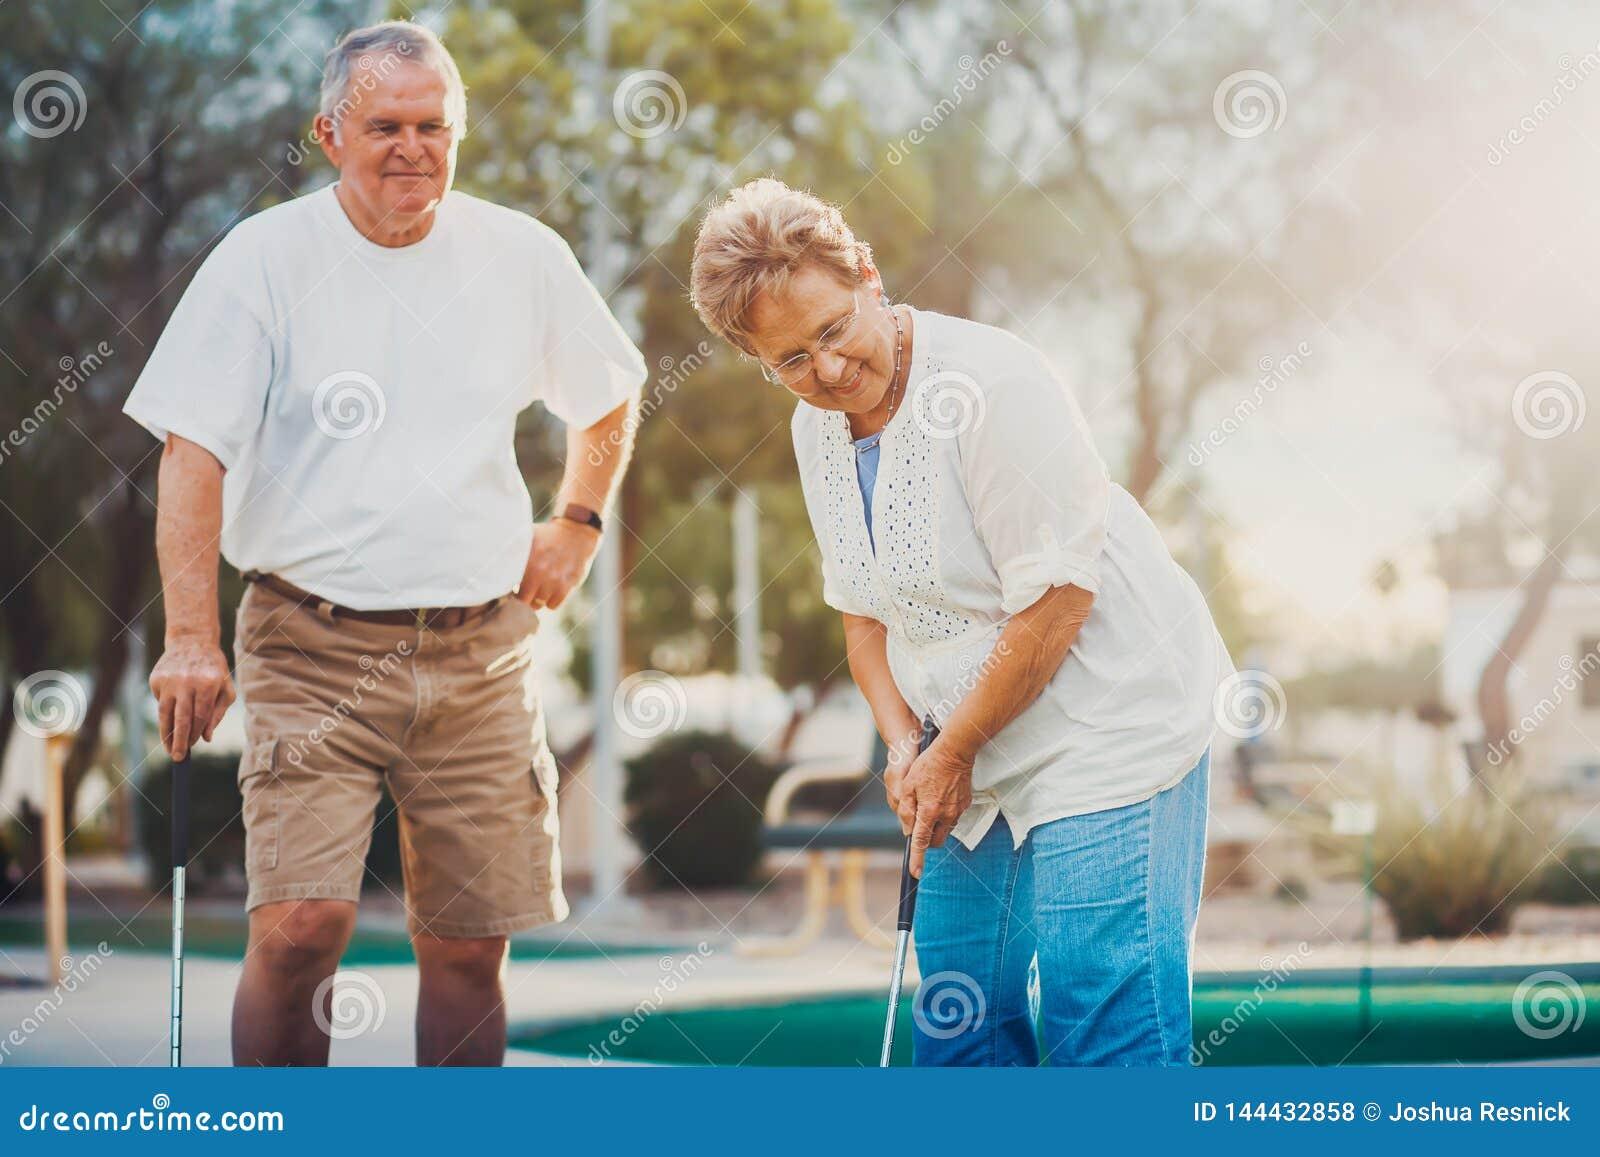 Retired heiratete die älteren Paare, die zusammen Minigolf spielen